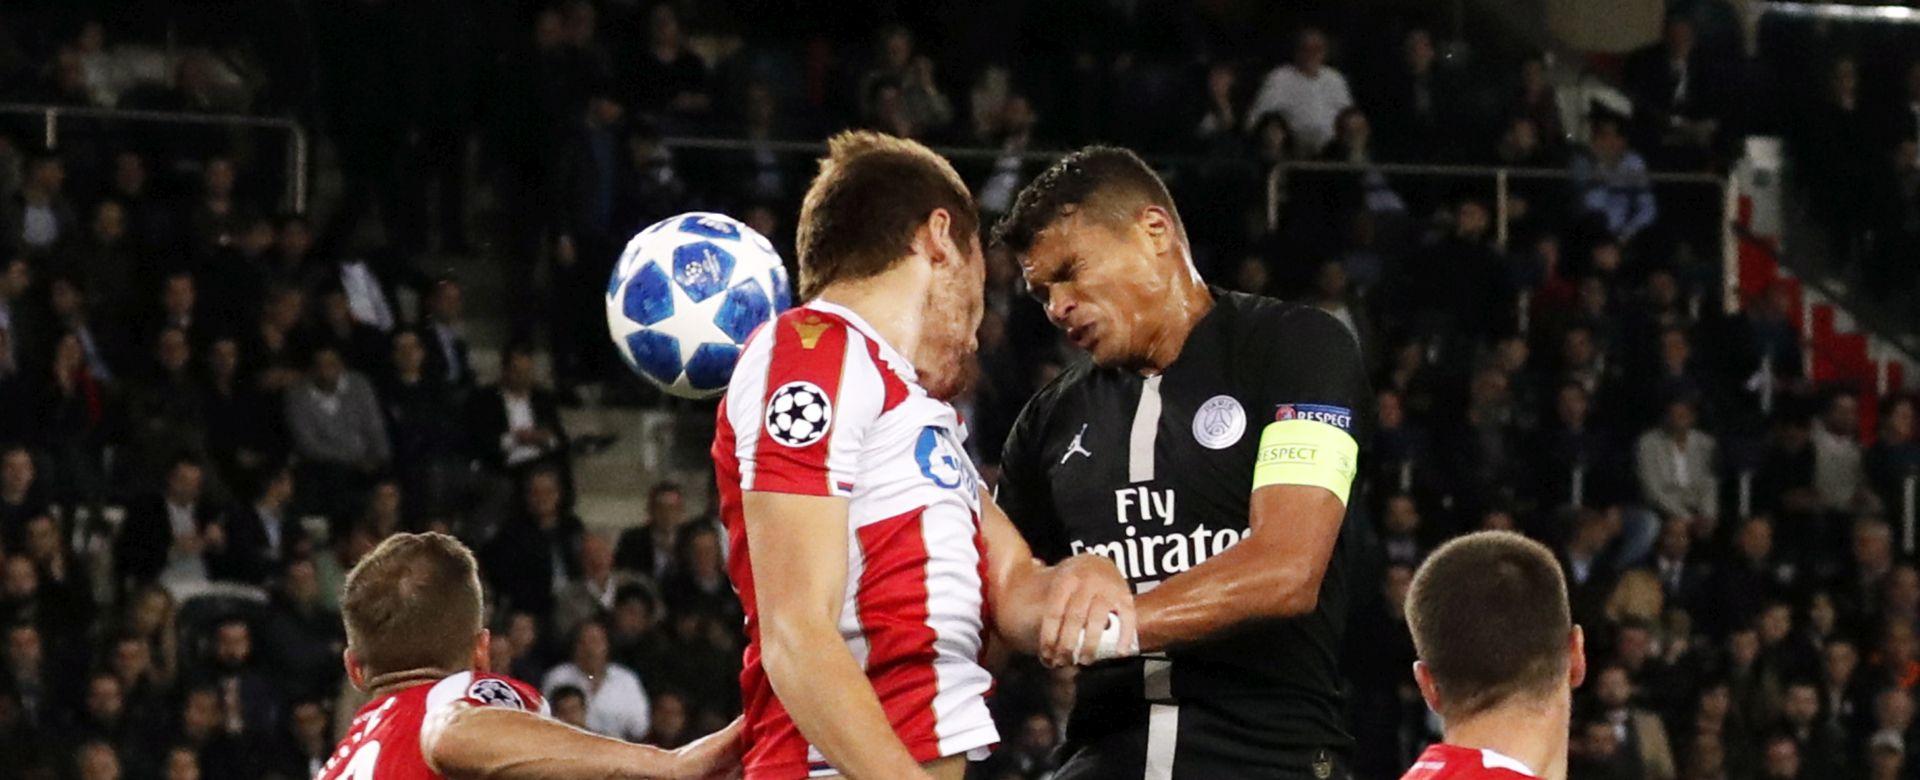 Pokrenuta istraga zbog mogućeg namještanja rezultata utakmice Paris SG – Crvena zvezda